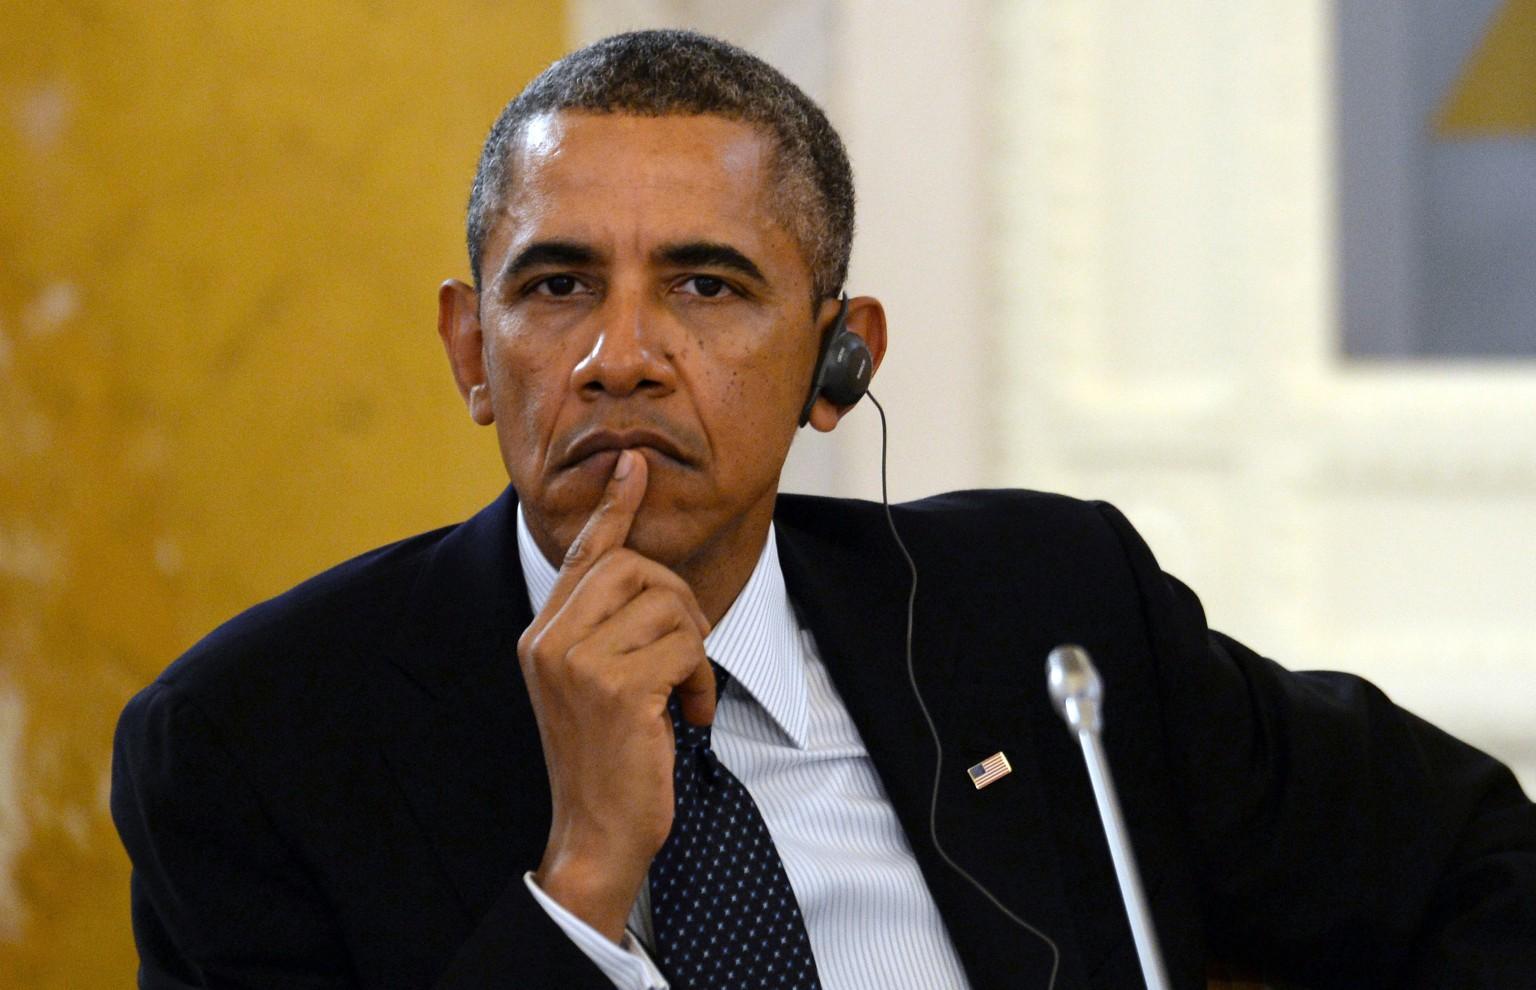 Biggest Test for Barack Obama